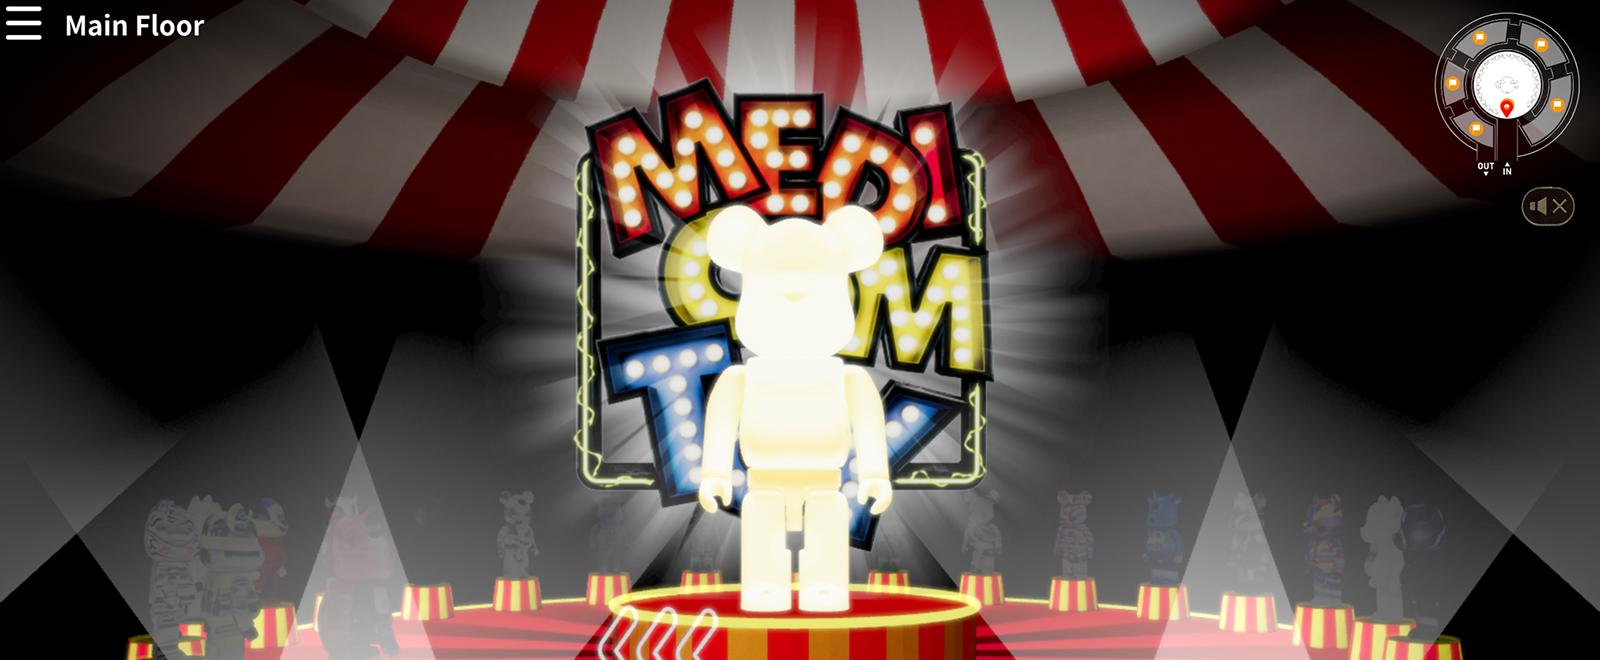 MEDICOM TOY EXHIBITION 2020 IN VIRTUAL